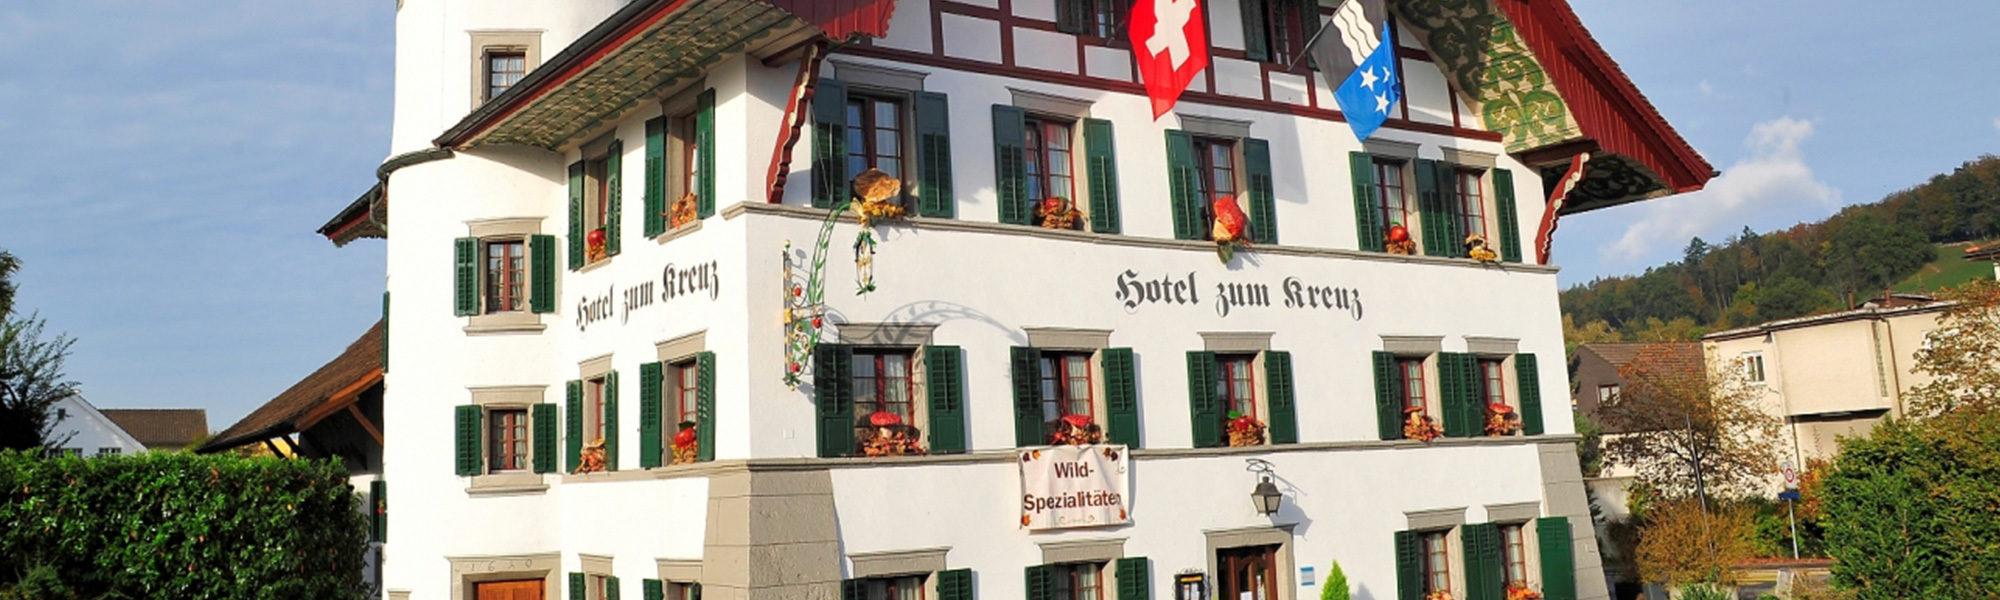 Hotel Zum Kreuz Suhr